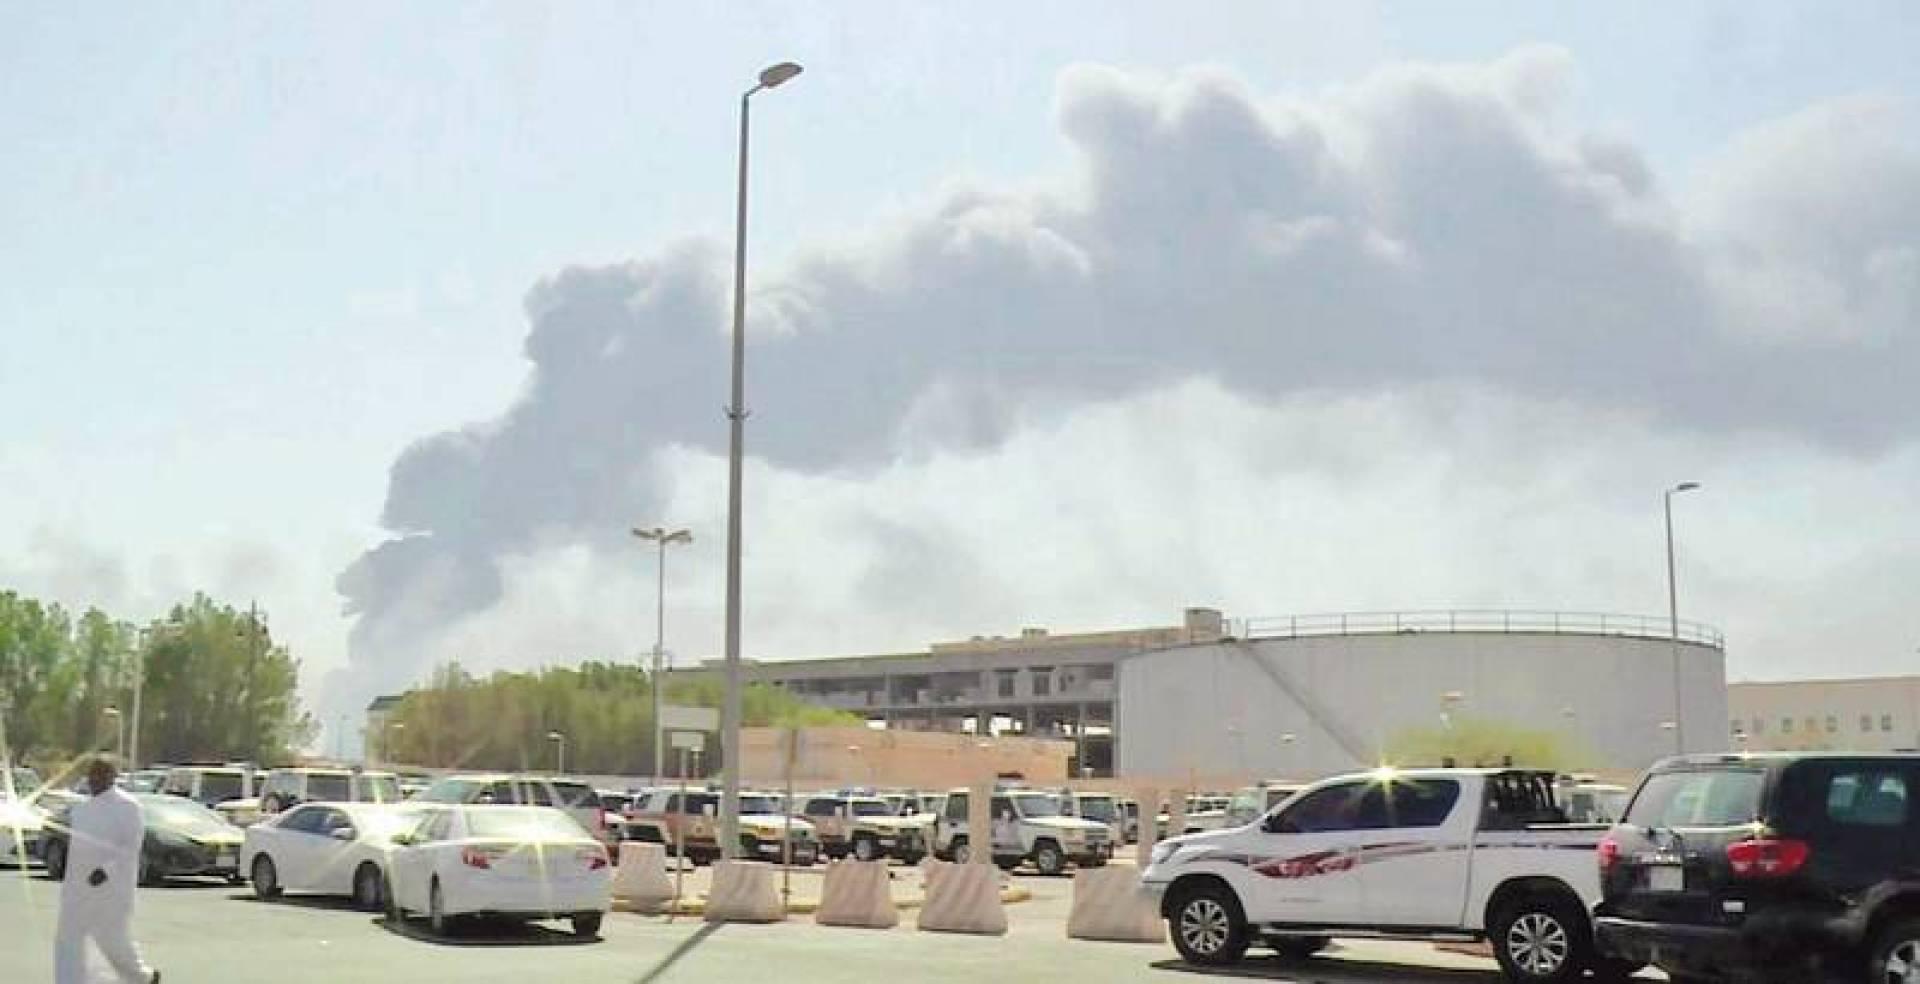 هجوم منشأتي «أرامكو» يهدد إمدادات النفط العالمية | ا ب